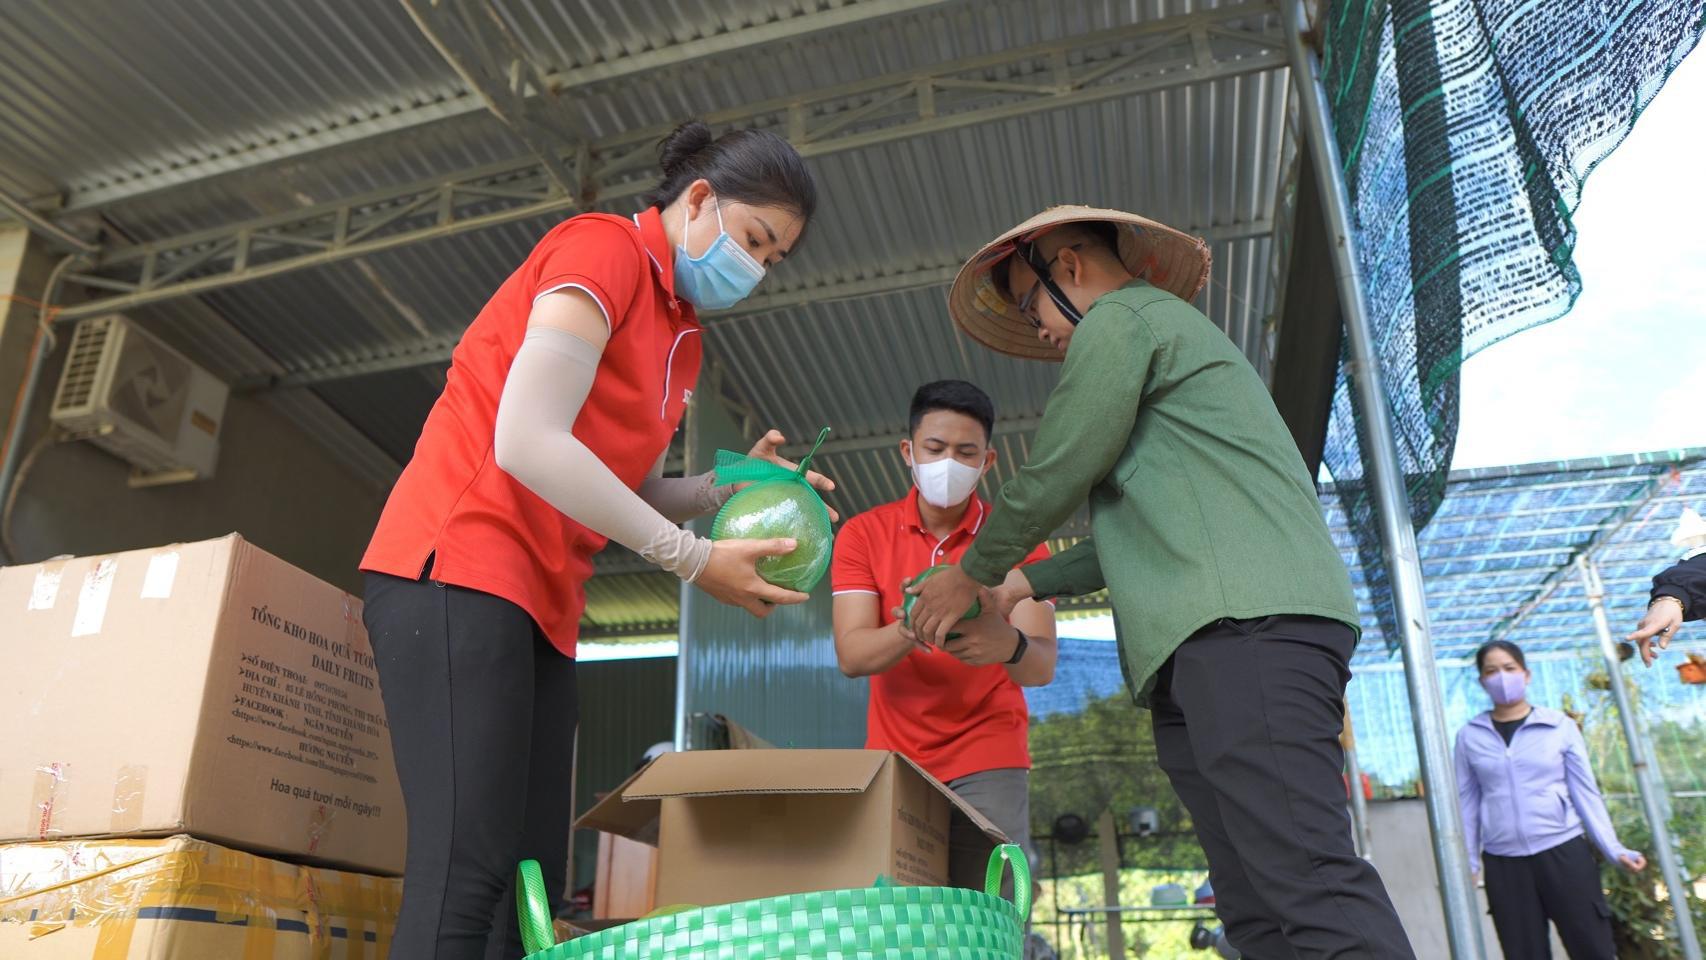 J&T Express nối dài hành trình hỗ trợ tiêu thụ nông sản Việt trong mùa dịch - Ảnh 4.